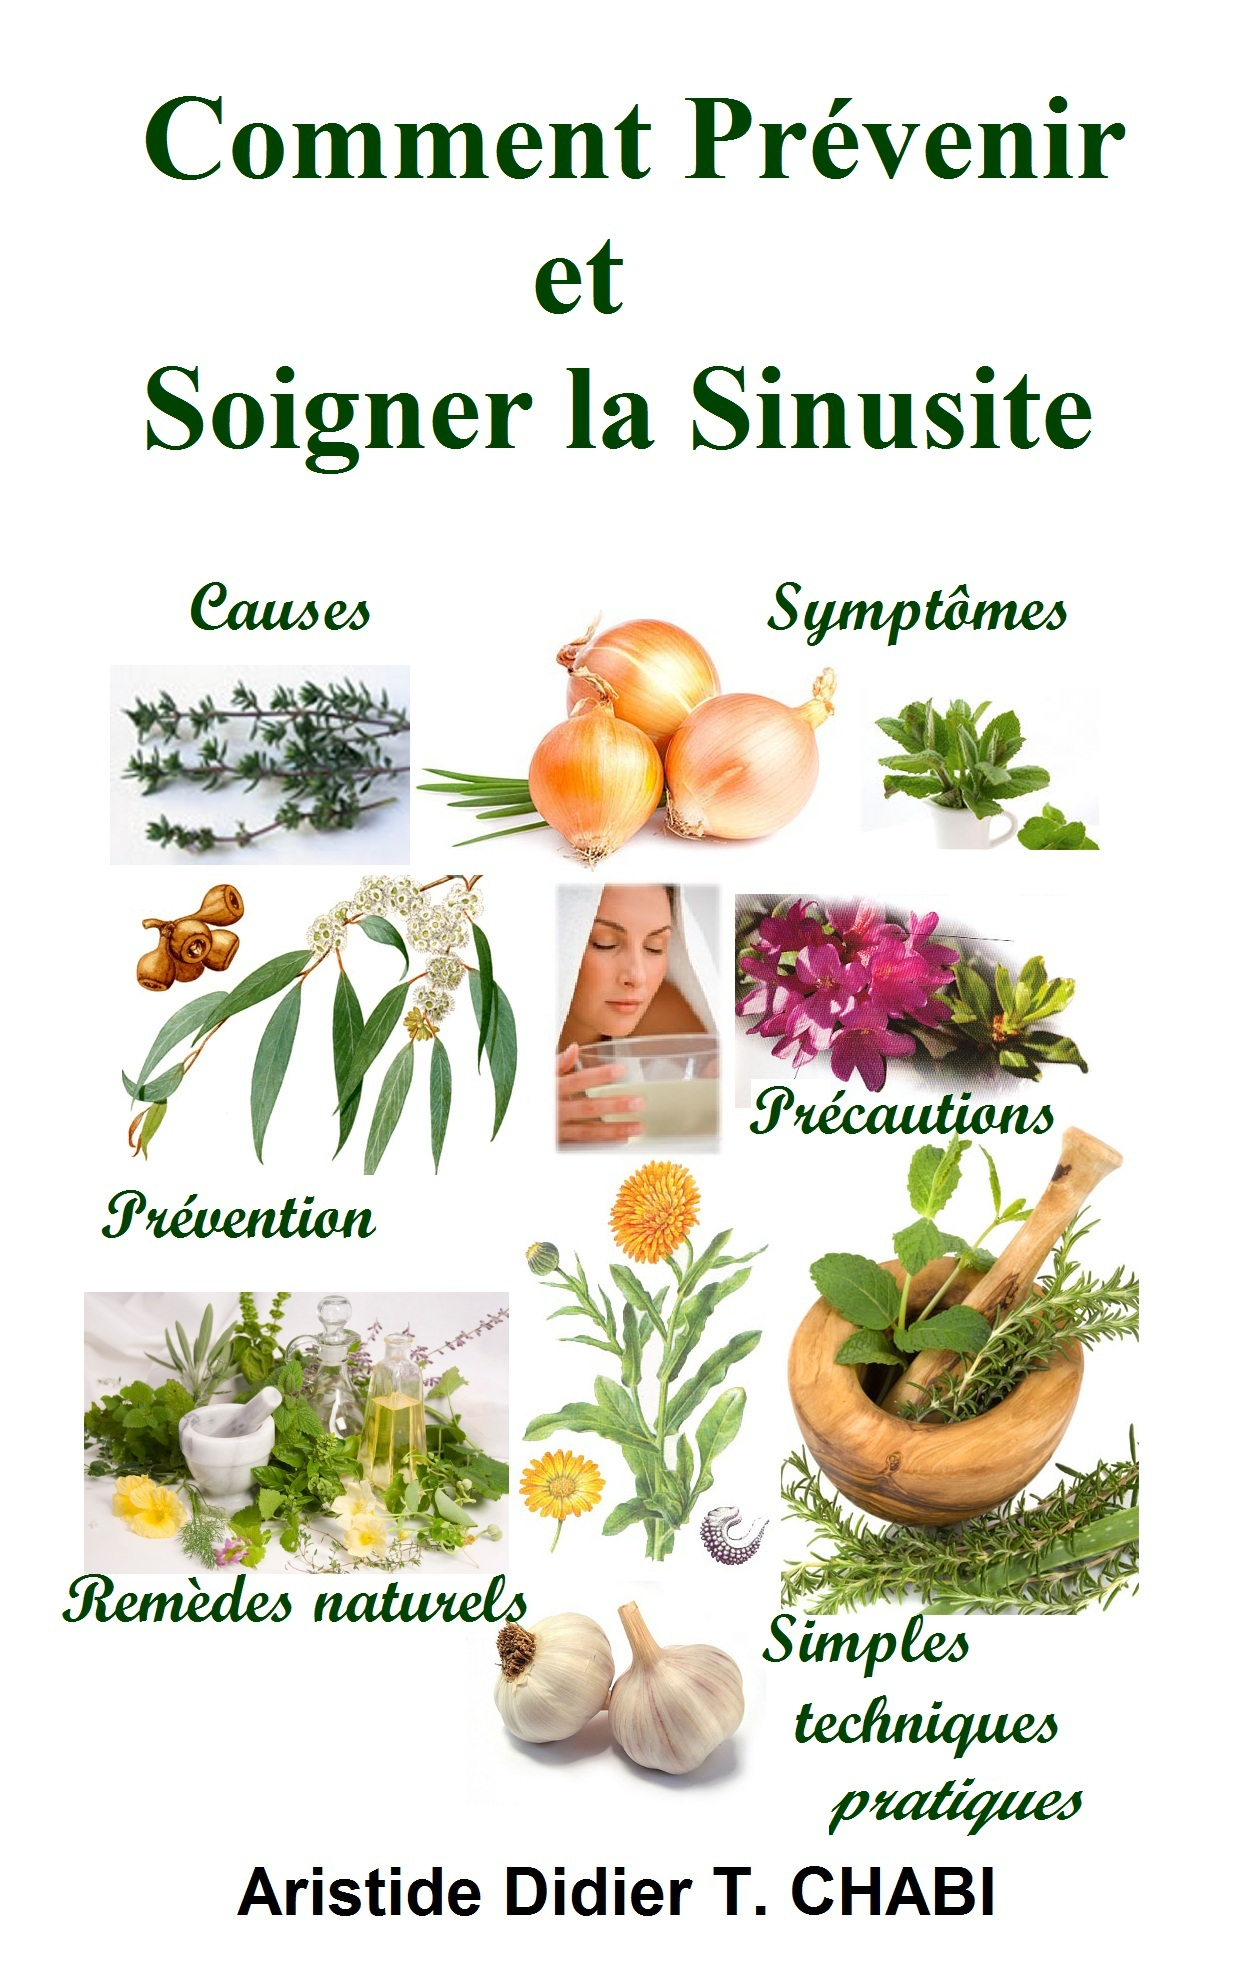 Comment prévenir et soigner la sinusite?